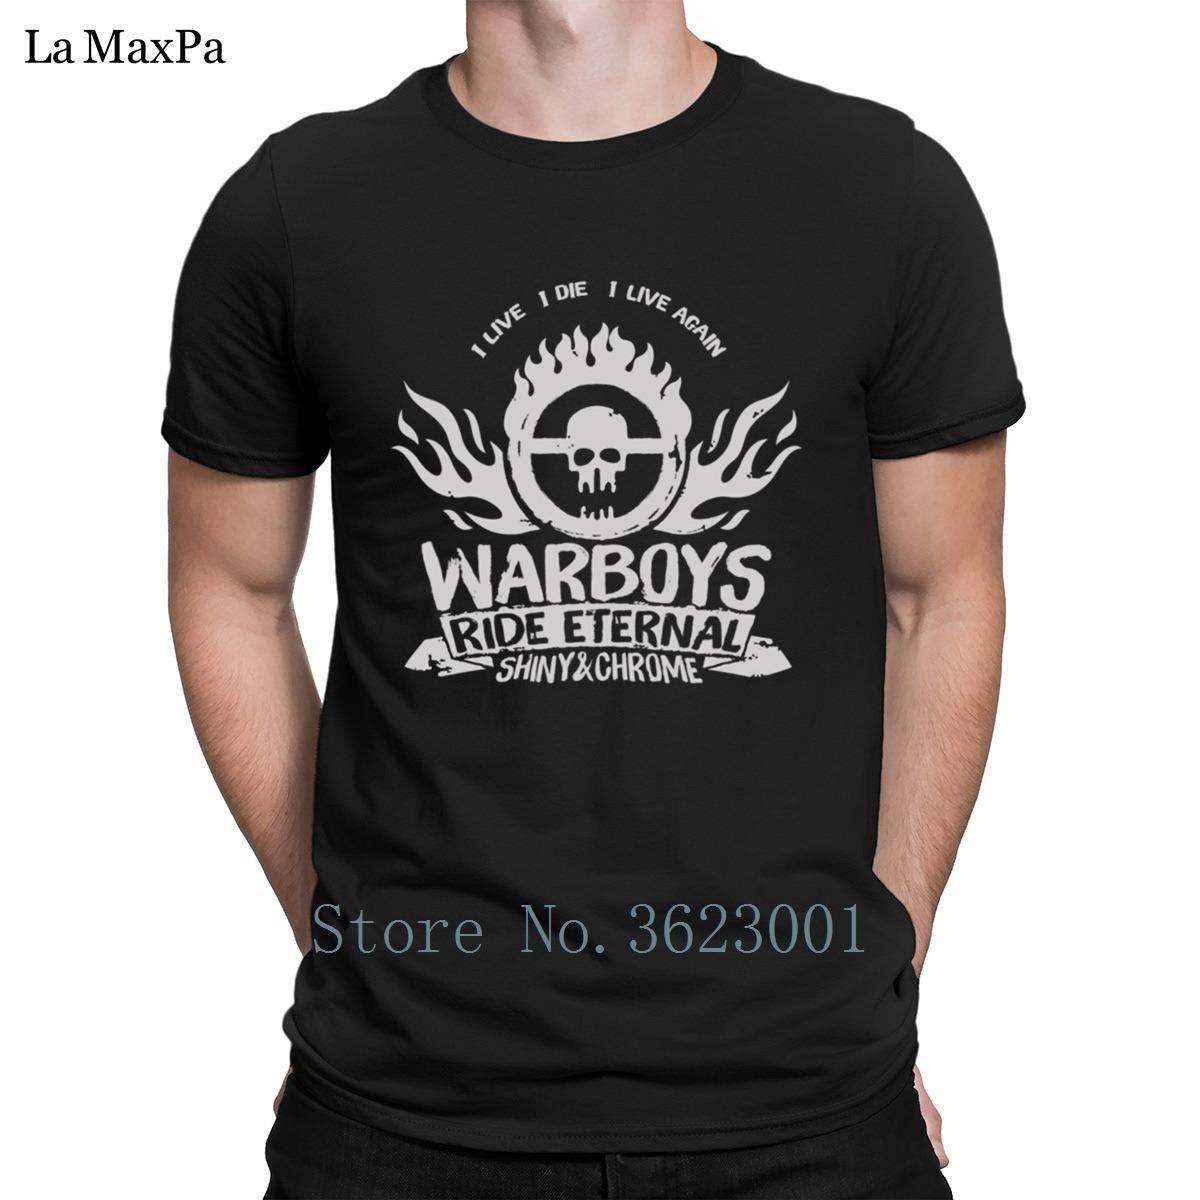 Новые Прохладный футболка 2018 Mad Max I Live I Die I ожили Warboys T-Shirt для мужчин Great Great Men тенниска O-Neck Tee Shirt Свободном